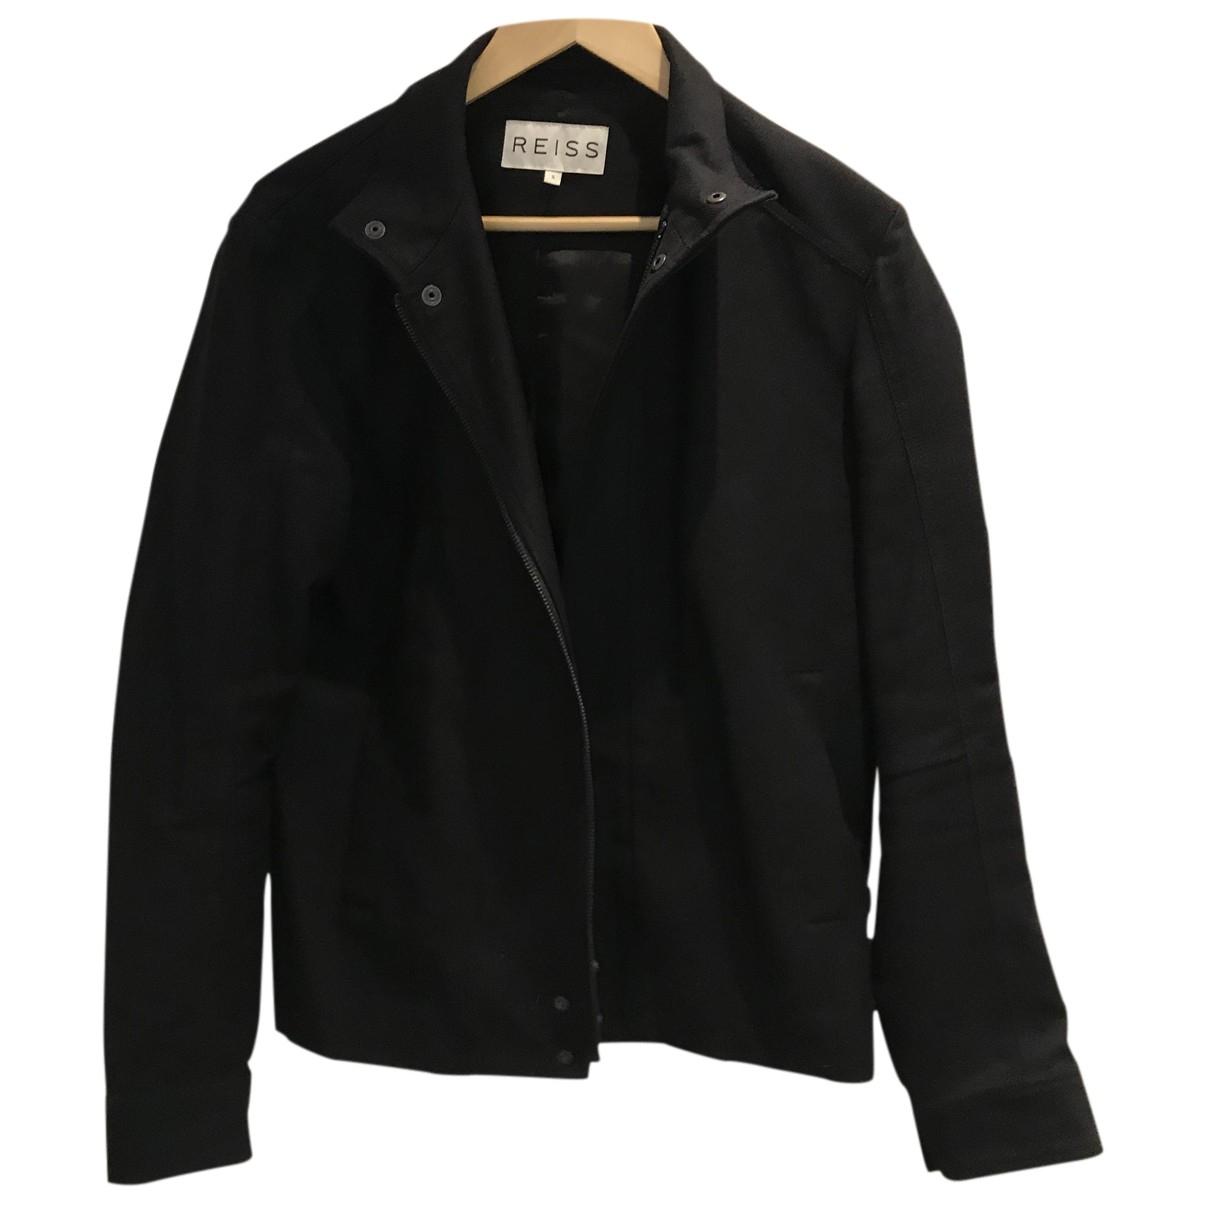 Reiss \N Black Cotton jacket  for Men S International